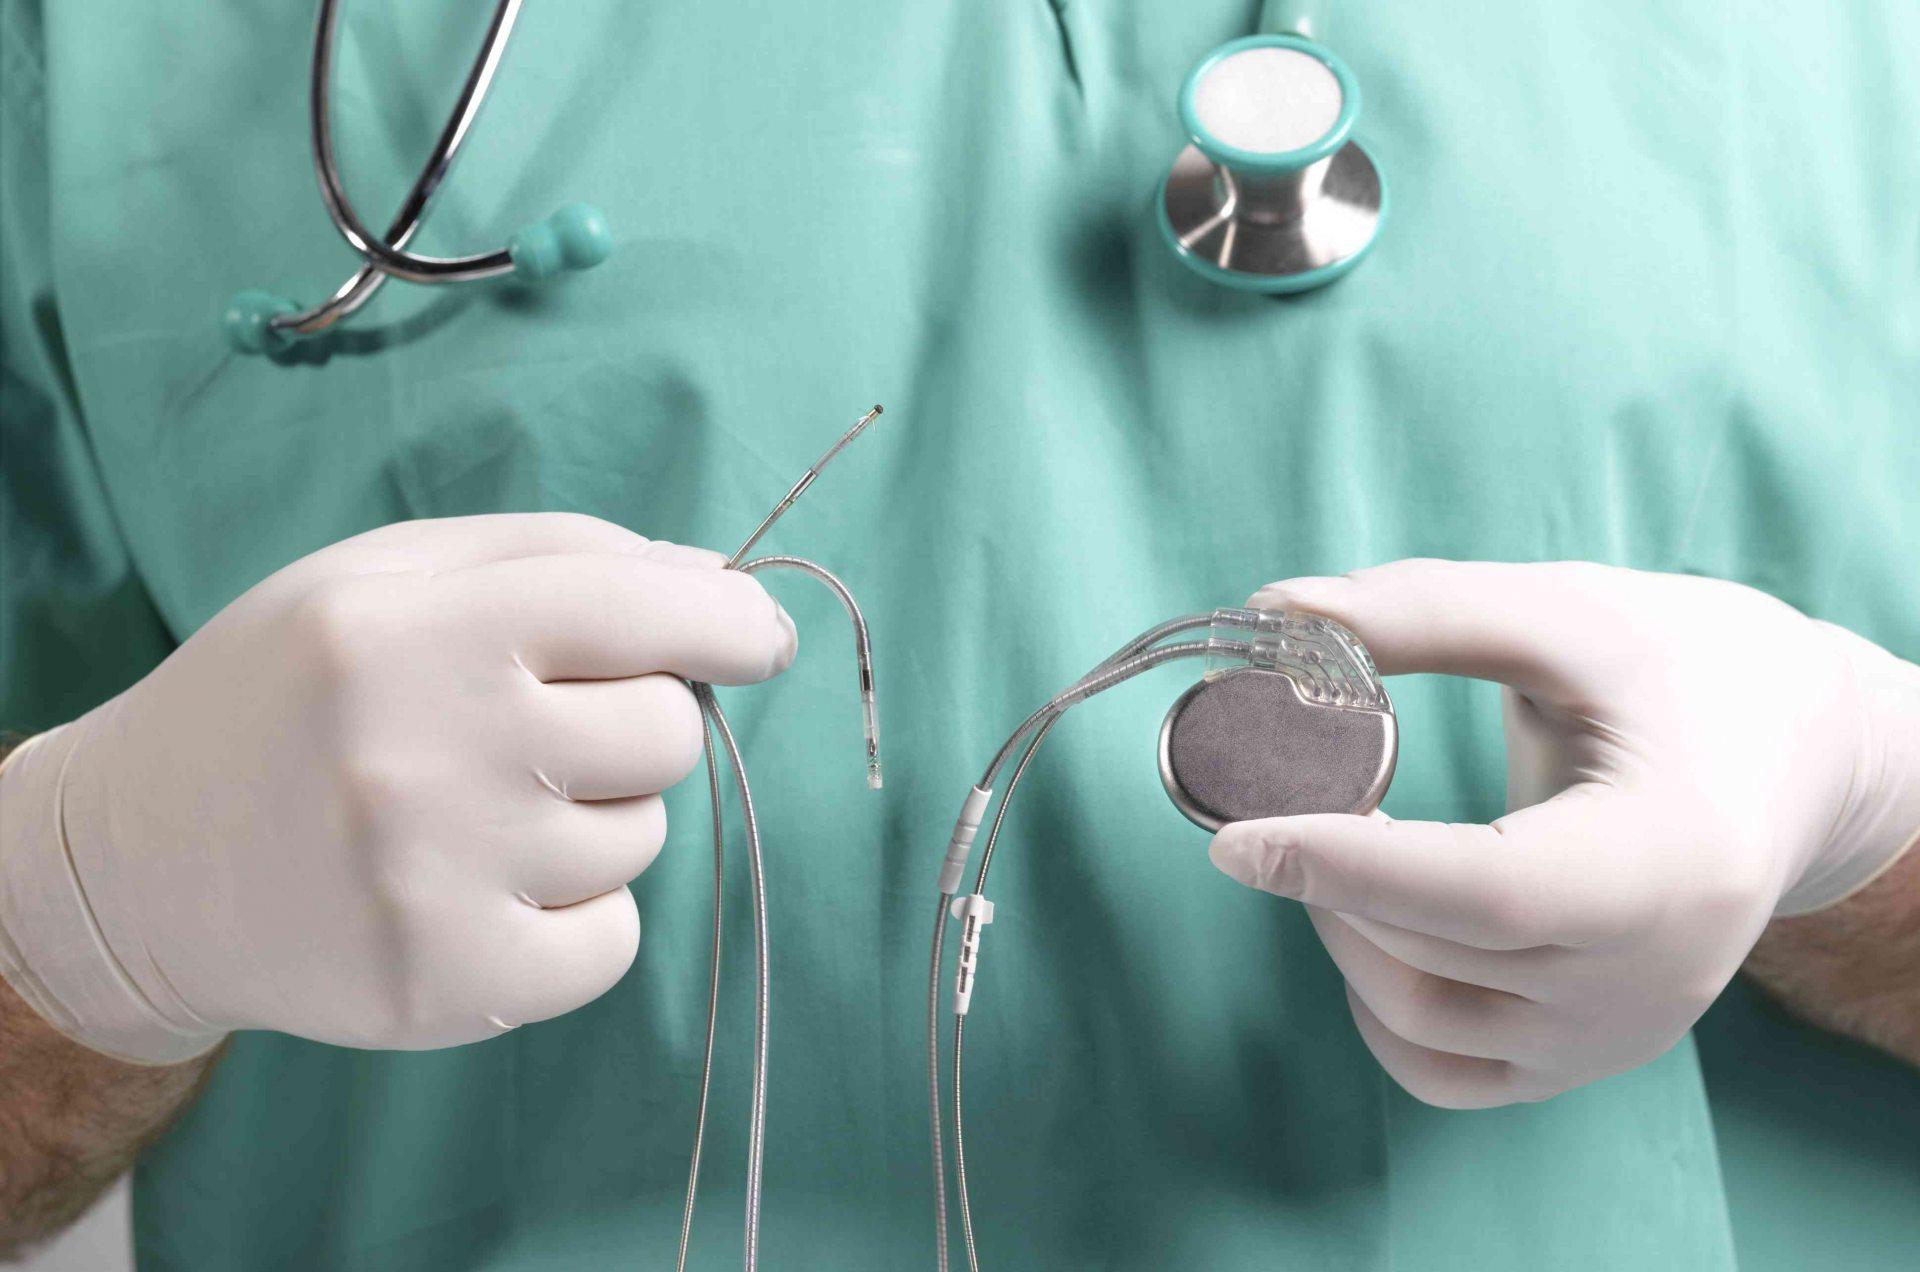 На Херсонщине срывают закупки спасительных приборов для сердца